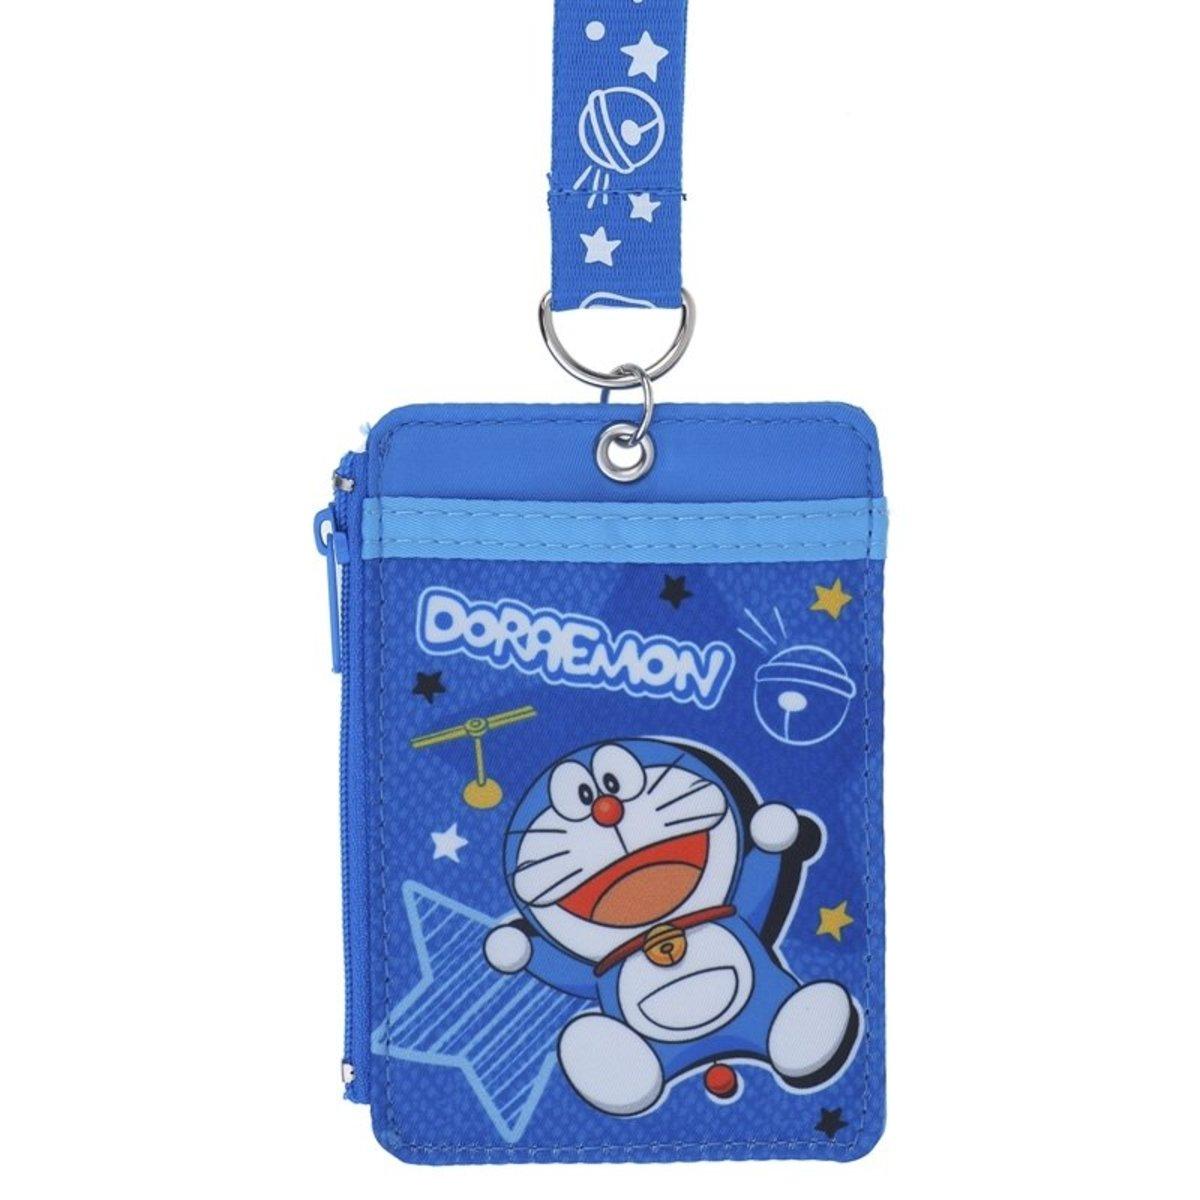 Doraemen Card Holder with Neckstrap